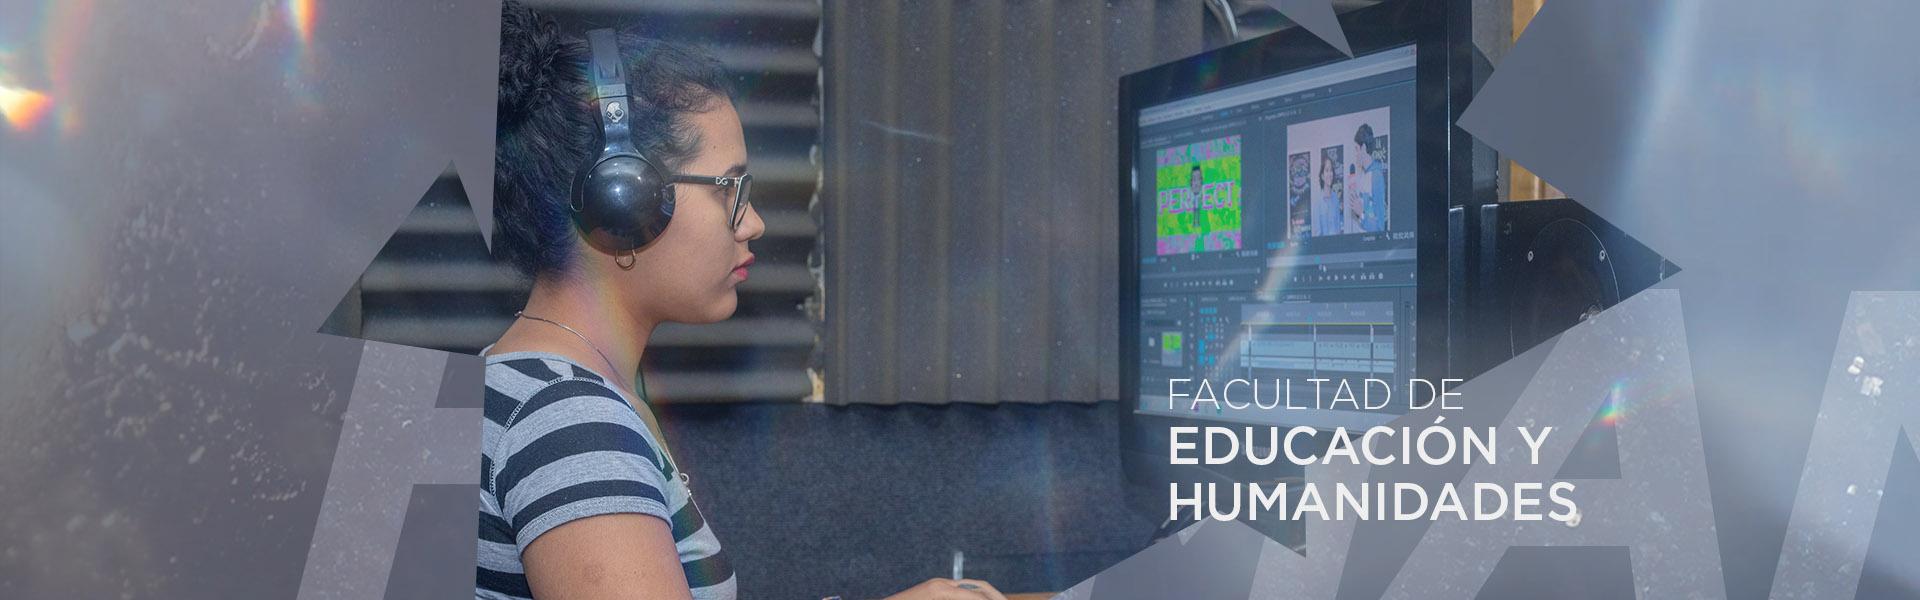 FACULTAD DE EDUCACIÓN Y HUMANIDADES